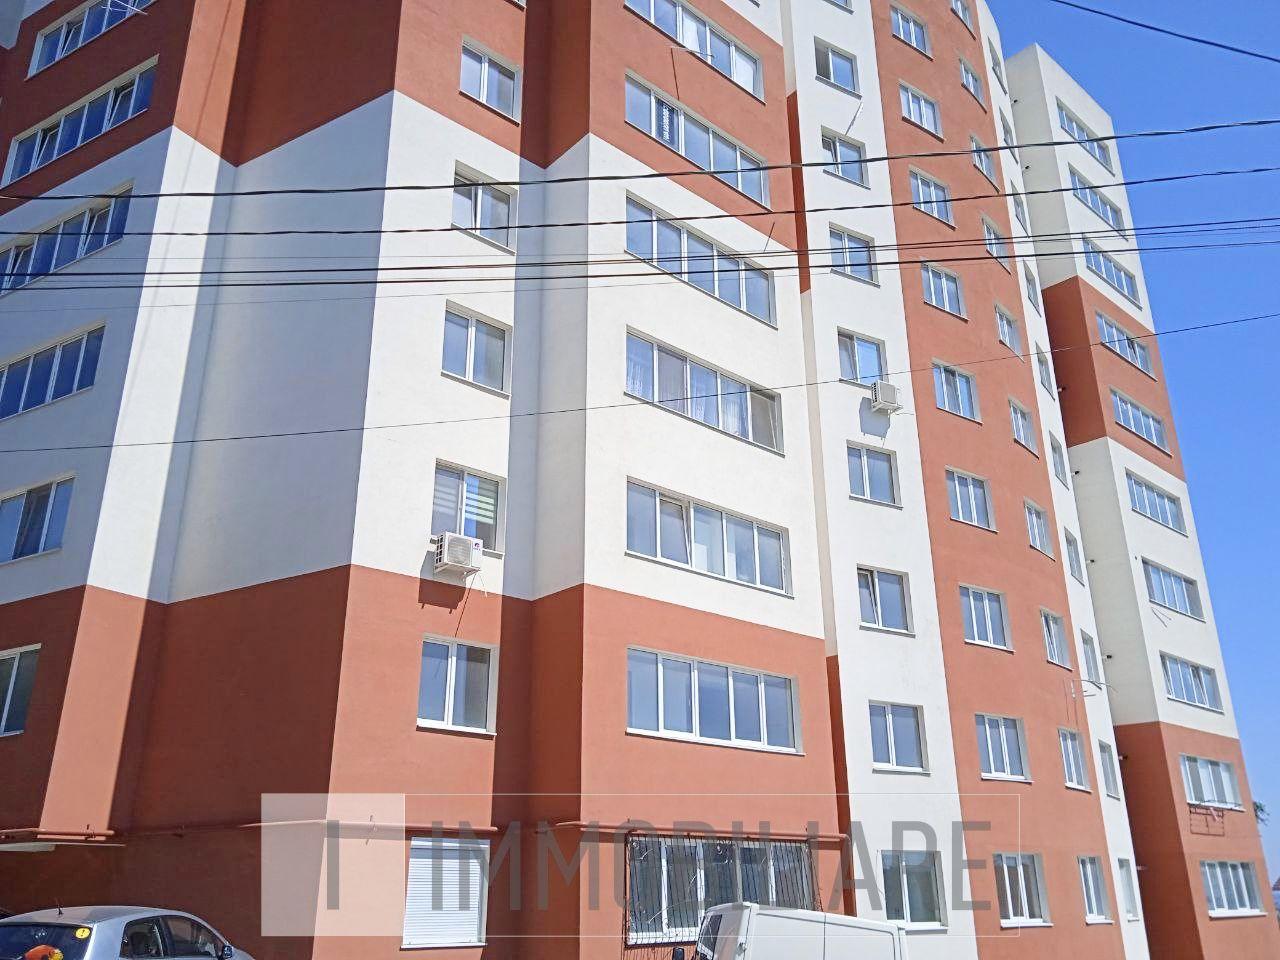 Apartament cu 1 cameră, sect. Durlești, str. Codrilor.